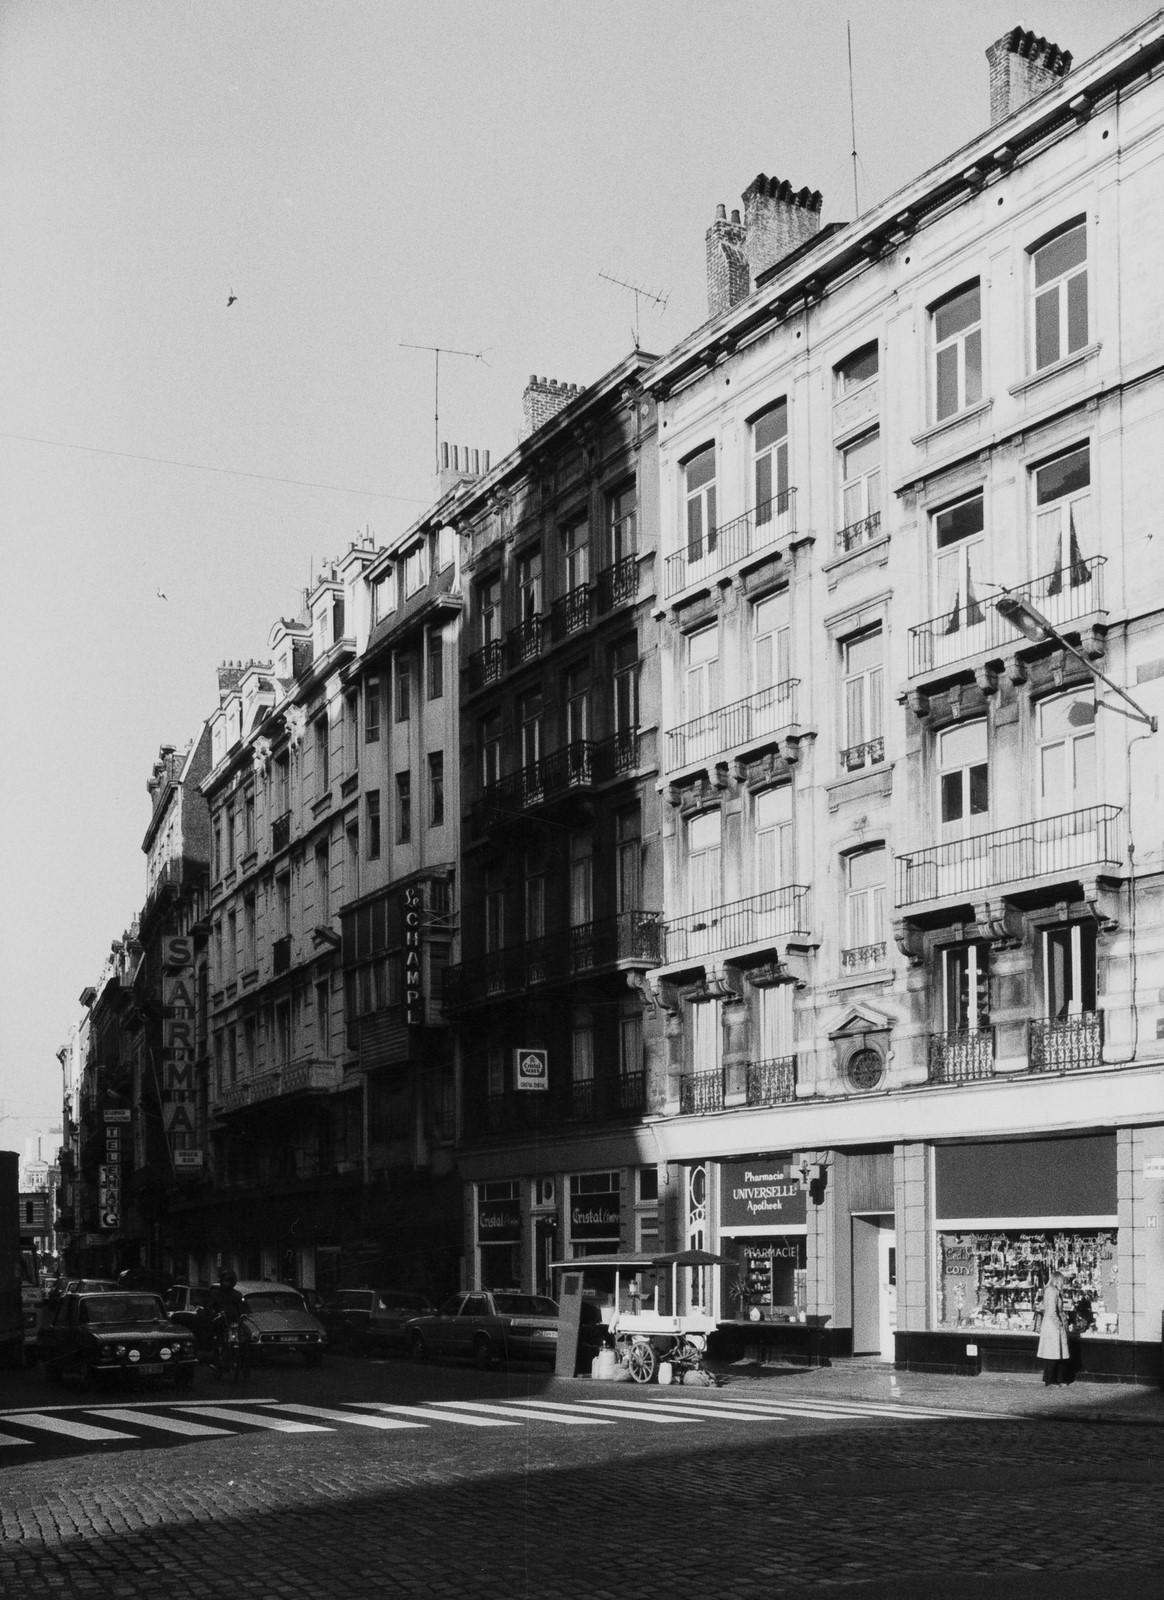 rue Antoine Dansaert, n° impairs, vue depuis la rue A. Orts., 1978